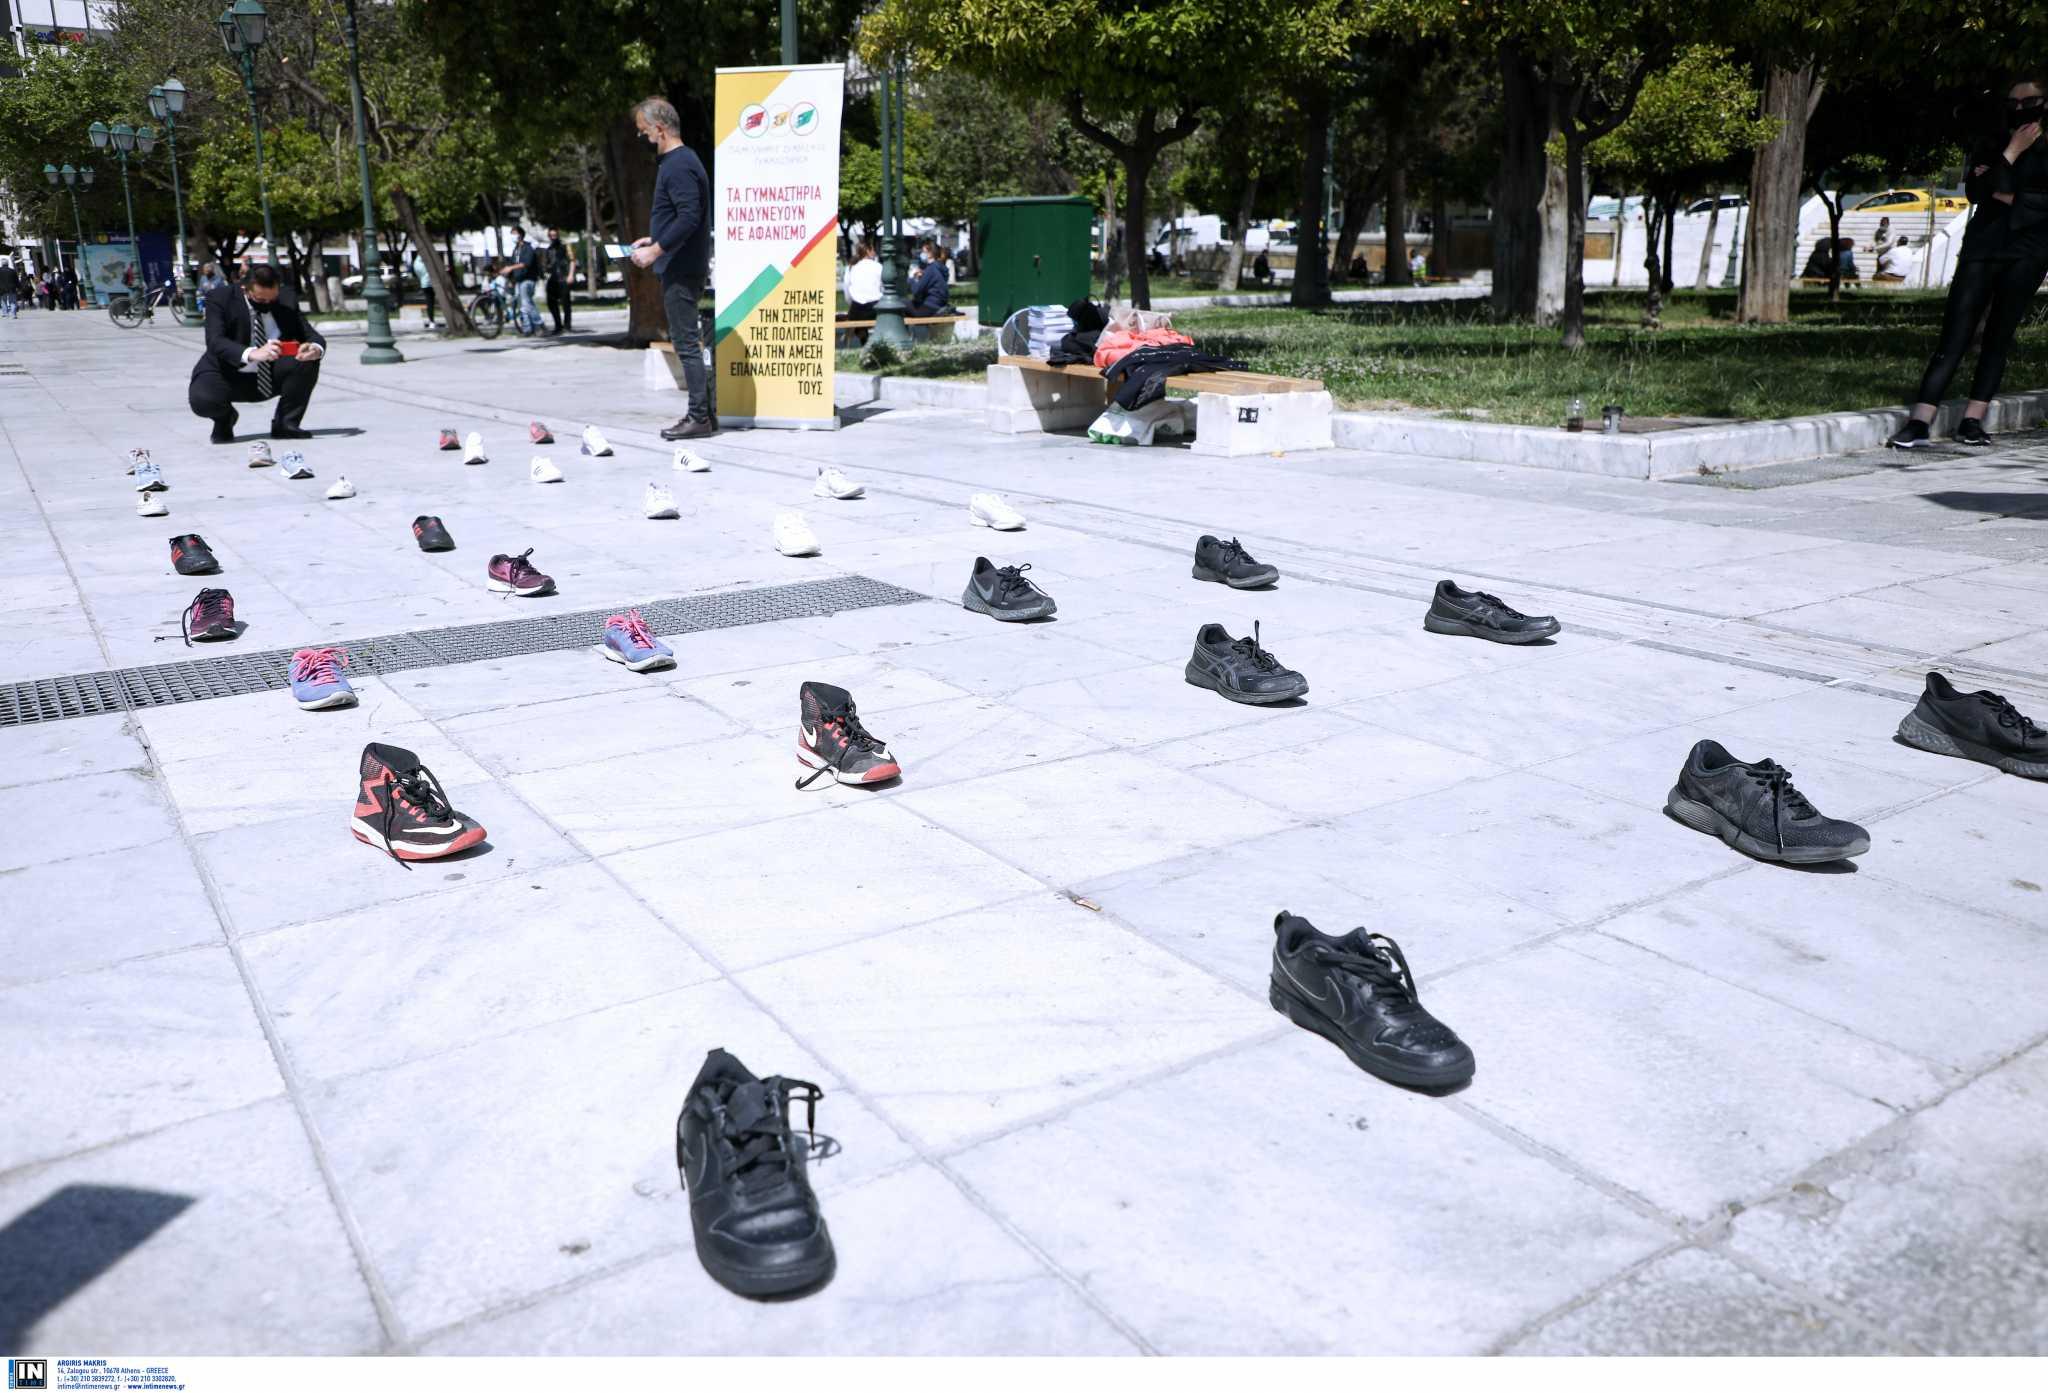 Το Σύνταγμα γέμισε… αθλητικά παπούτσια! Διαμαρτυρία για τα κλειστά γυμναστήρια στην Αττική (pics)